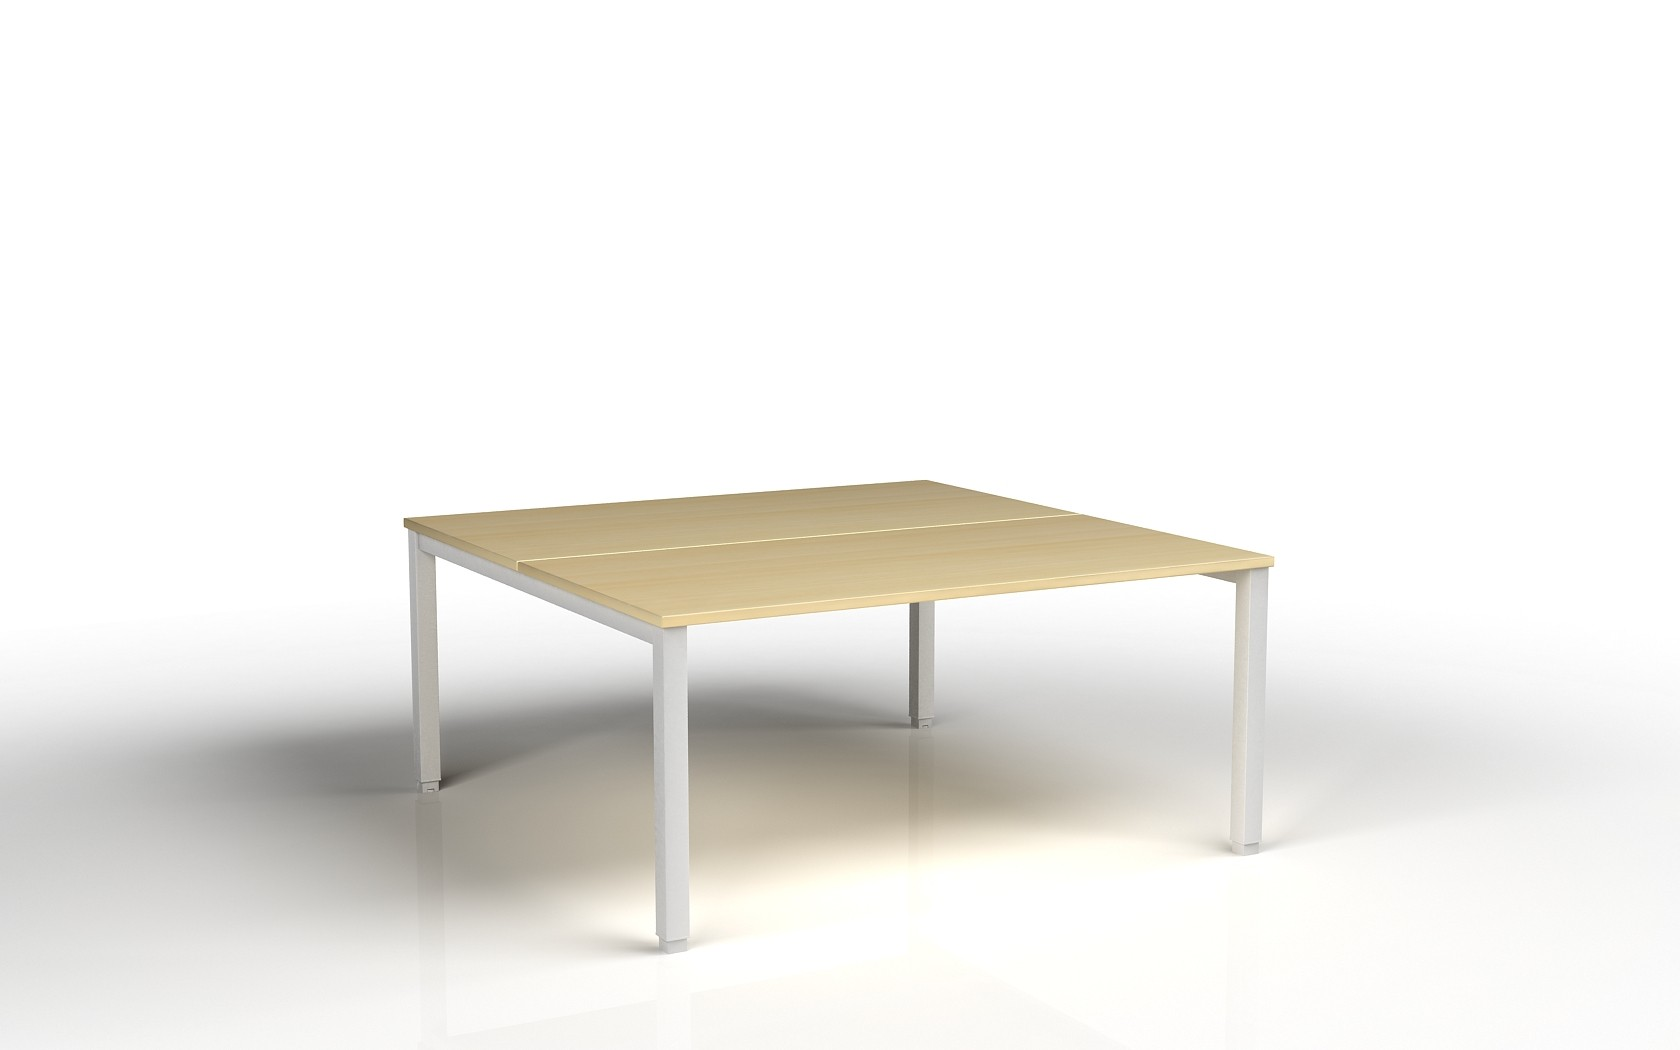 Bureau bench 2 personnes tempo achat bureaux bench 339 00 for Bureau 60 cm de large